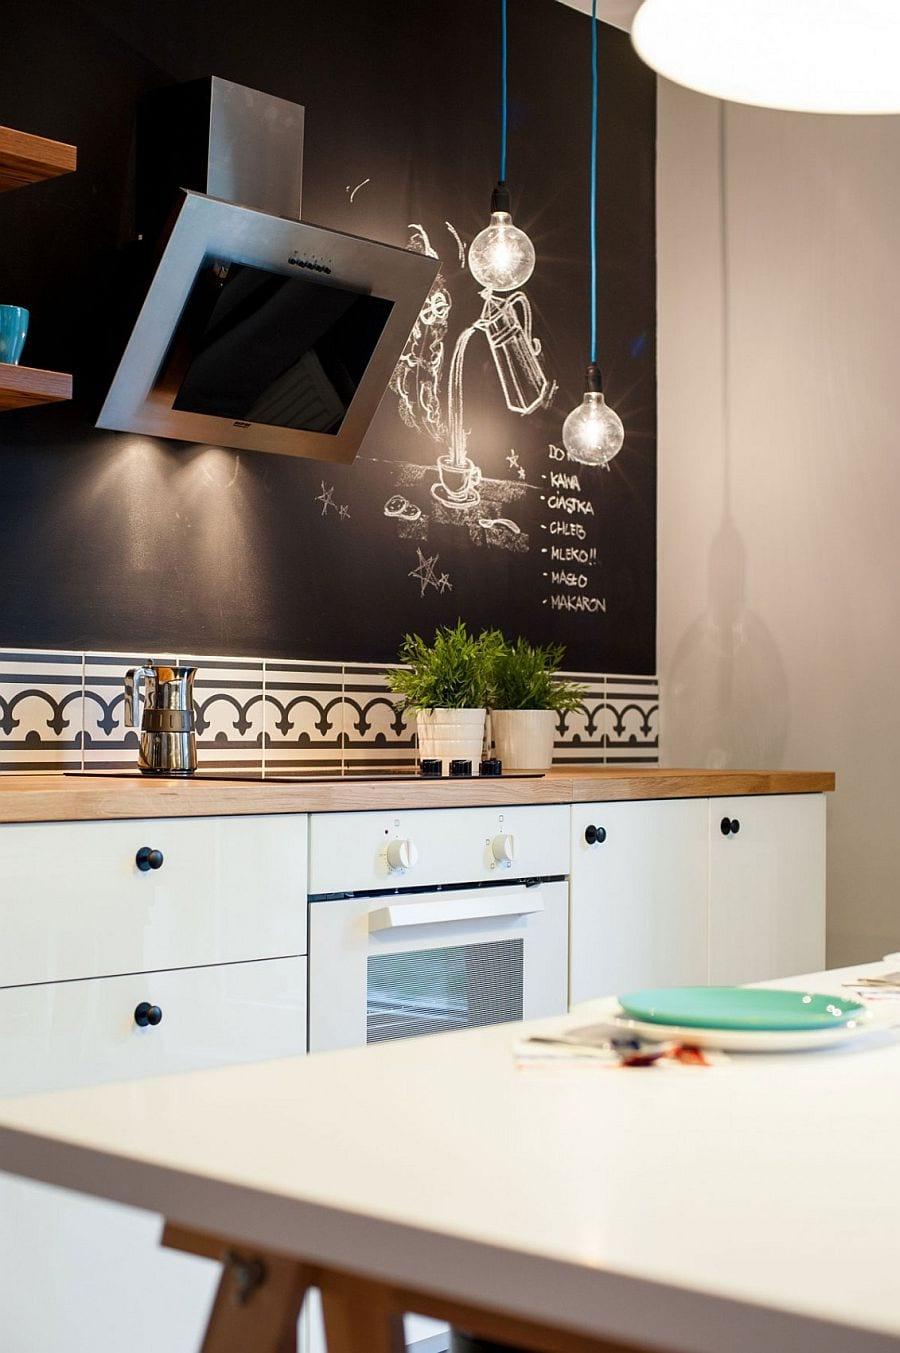 weiße küche mit schwarzer wandfarbe und wandregalen aus holz_kreative einrichtungsideen für kleine küchen und coole wand streichen ideen und wandgestaltung küche